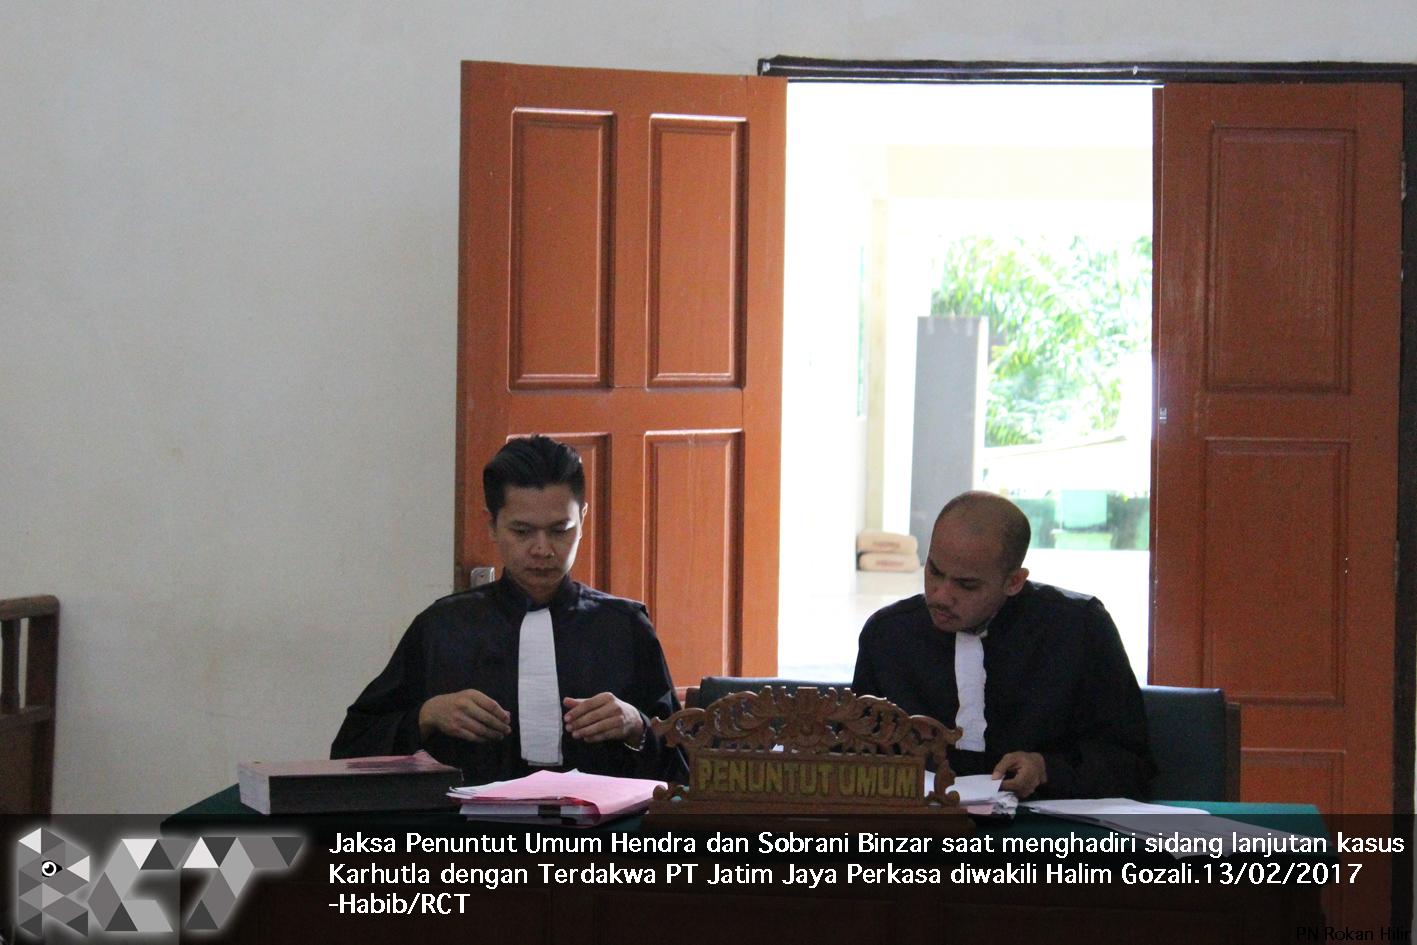 Jaksa Penuntut Umum 13-02-2017